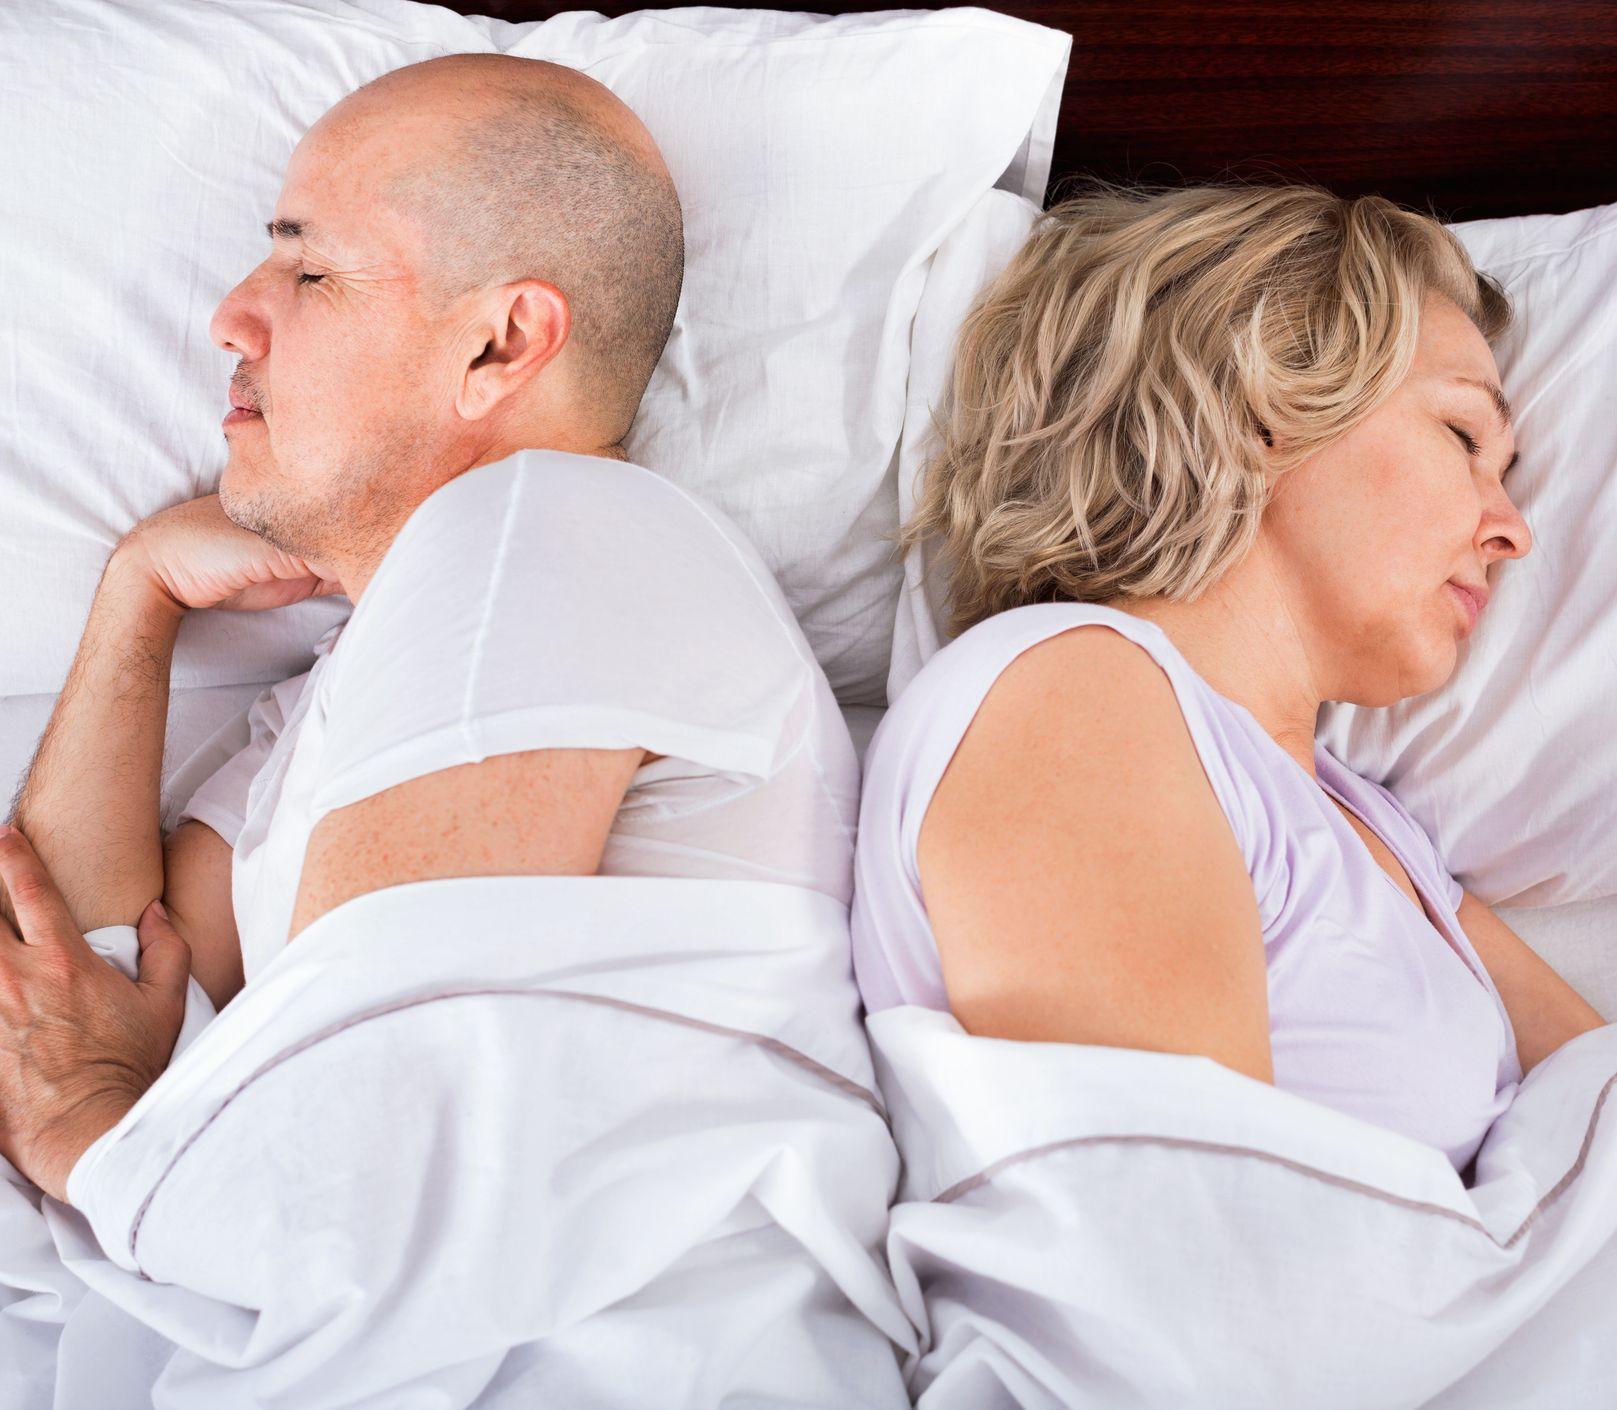 Keď muži strácajú záujem o sex: Čo robiť, aby to v posteli opäť klapalo?